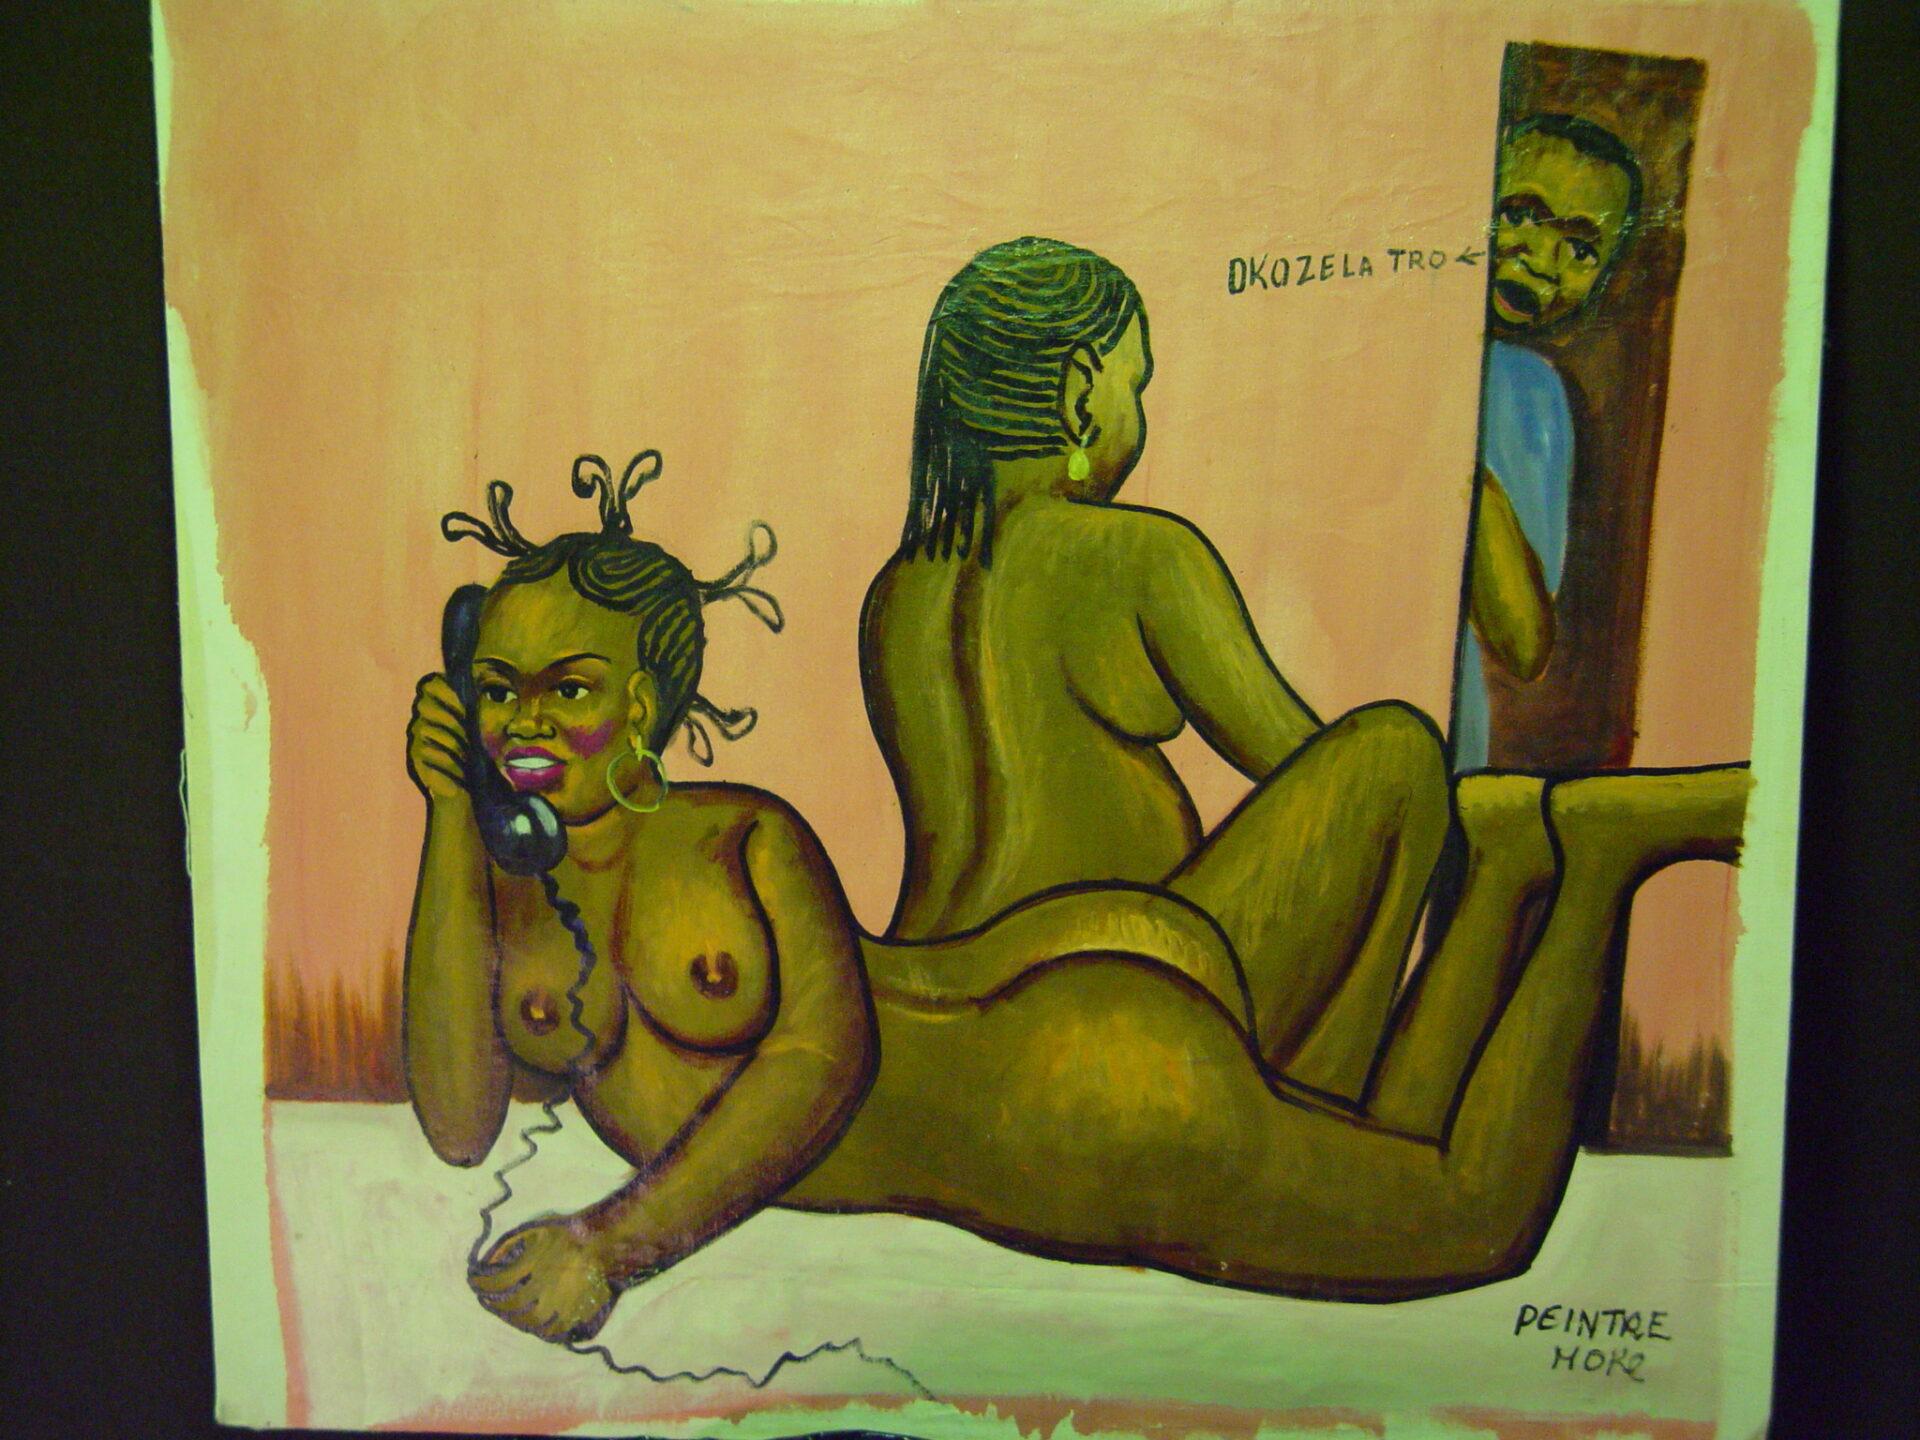 Moke, Kinshasa, 1980, Odmawiam twojej propozycji, Collection MRAC Tervuren, Fonds B. Jewsiewicki